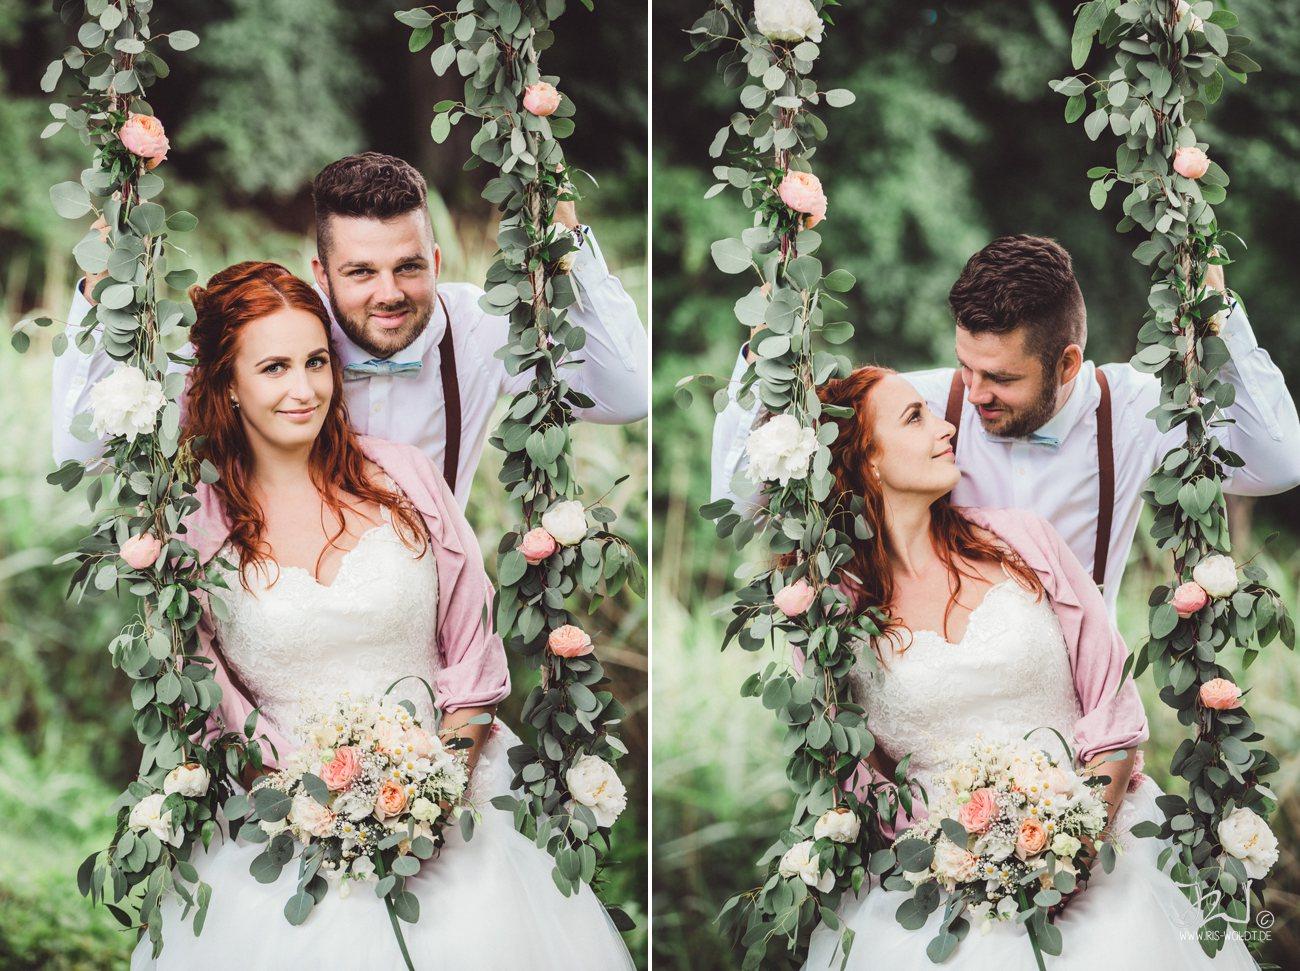 Hochzeitsfotograf_Altthymen_MuehleTornow_IrisWoldt 92